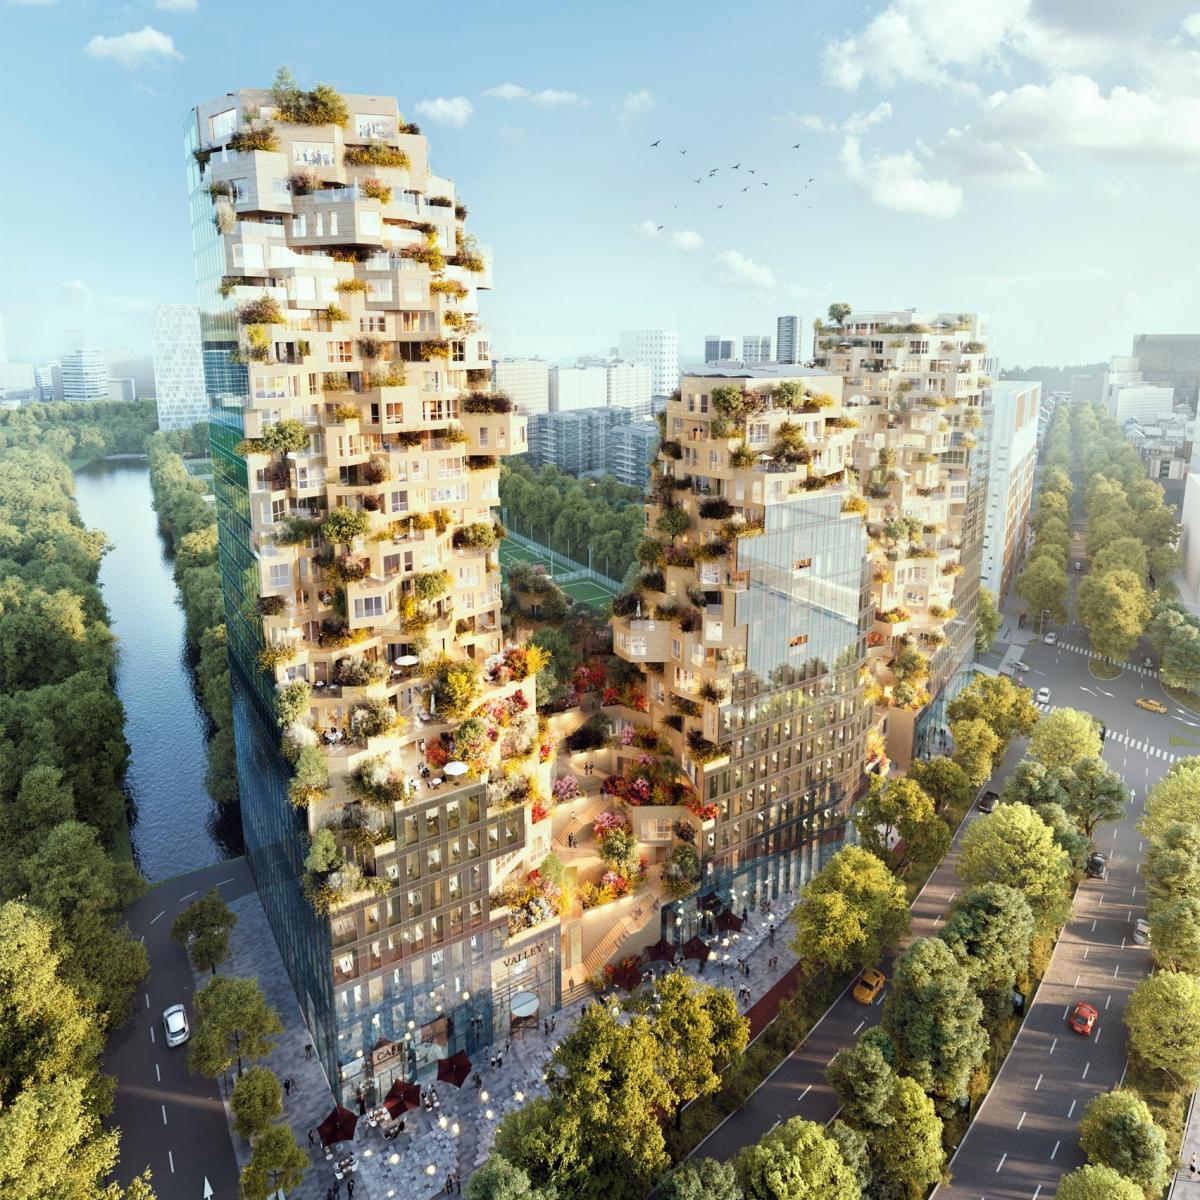 MVRDV lần đầu tiên công bố thiết kế tòa nhà cao tầng hỗn hợp ở Rotterdam vào năm 2015 và cuối cùng nó sẽ đi vào hoạt động năm 2021. Được đặt tên là Thung lũng, công trình bao gồm ba đỉnh núi, mỗi đỉnh đều có cây xanh và cửa sổ góc nhô ra từ mọi góc độ./.